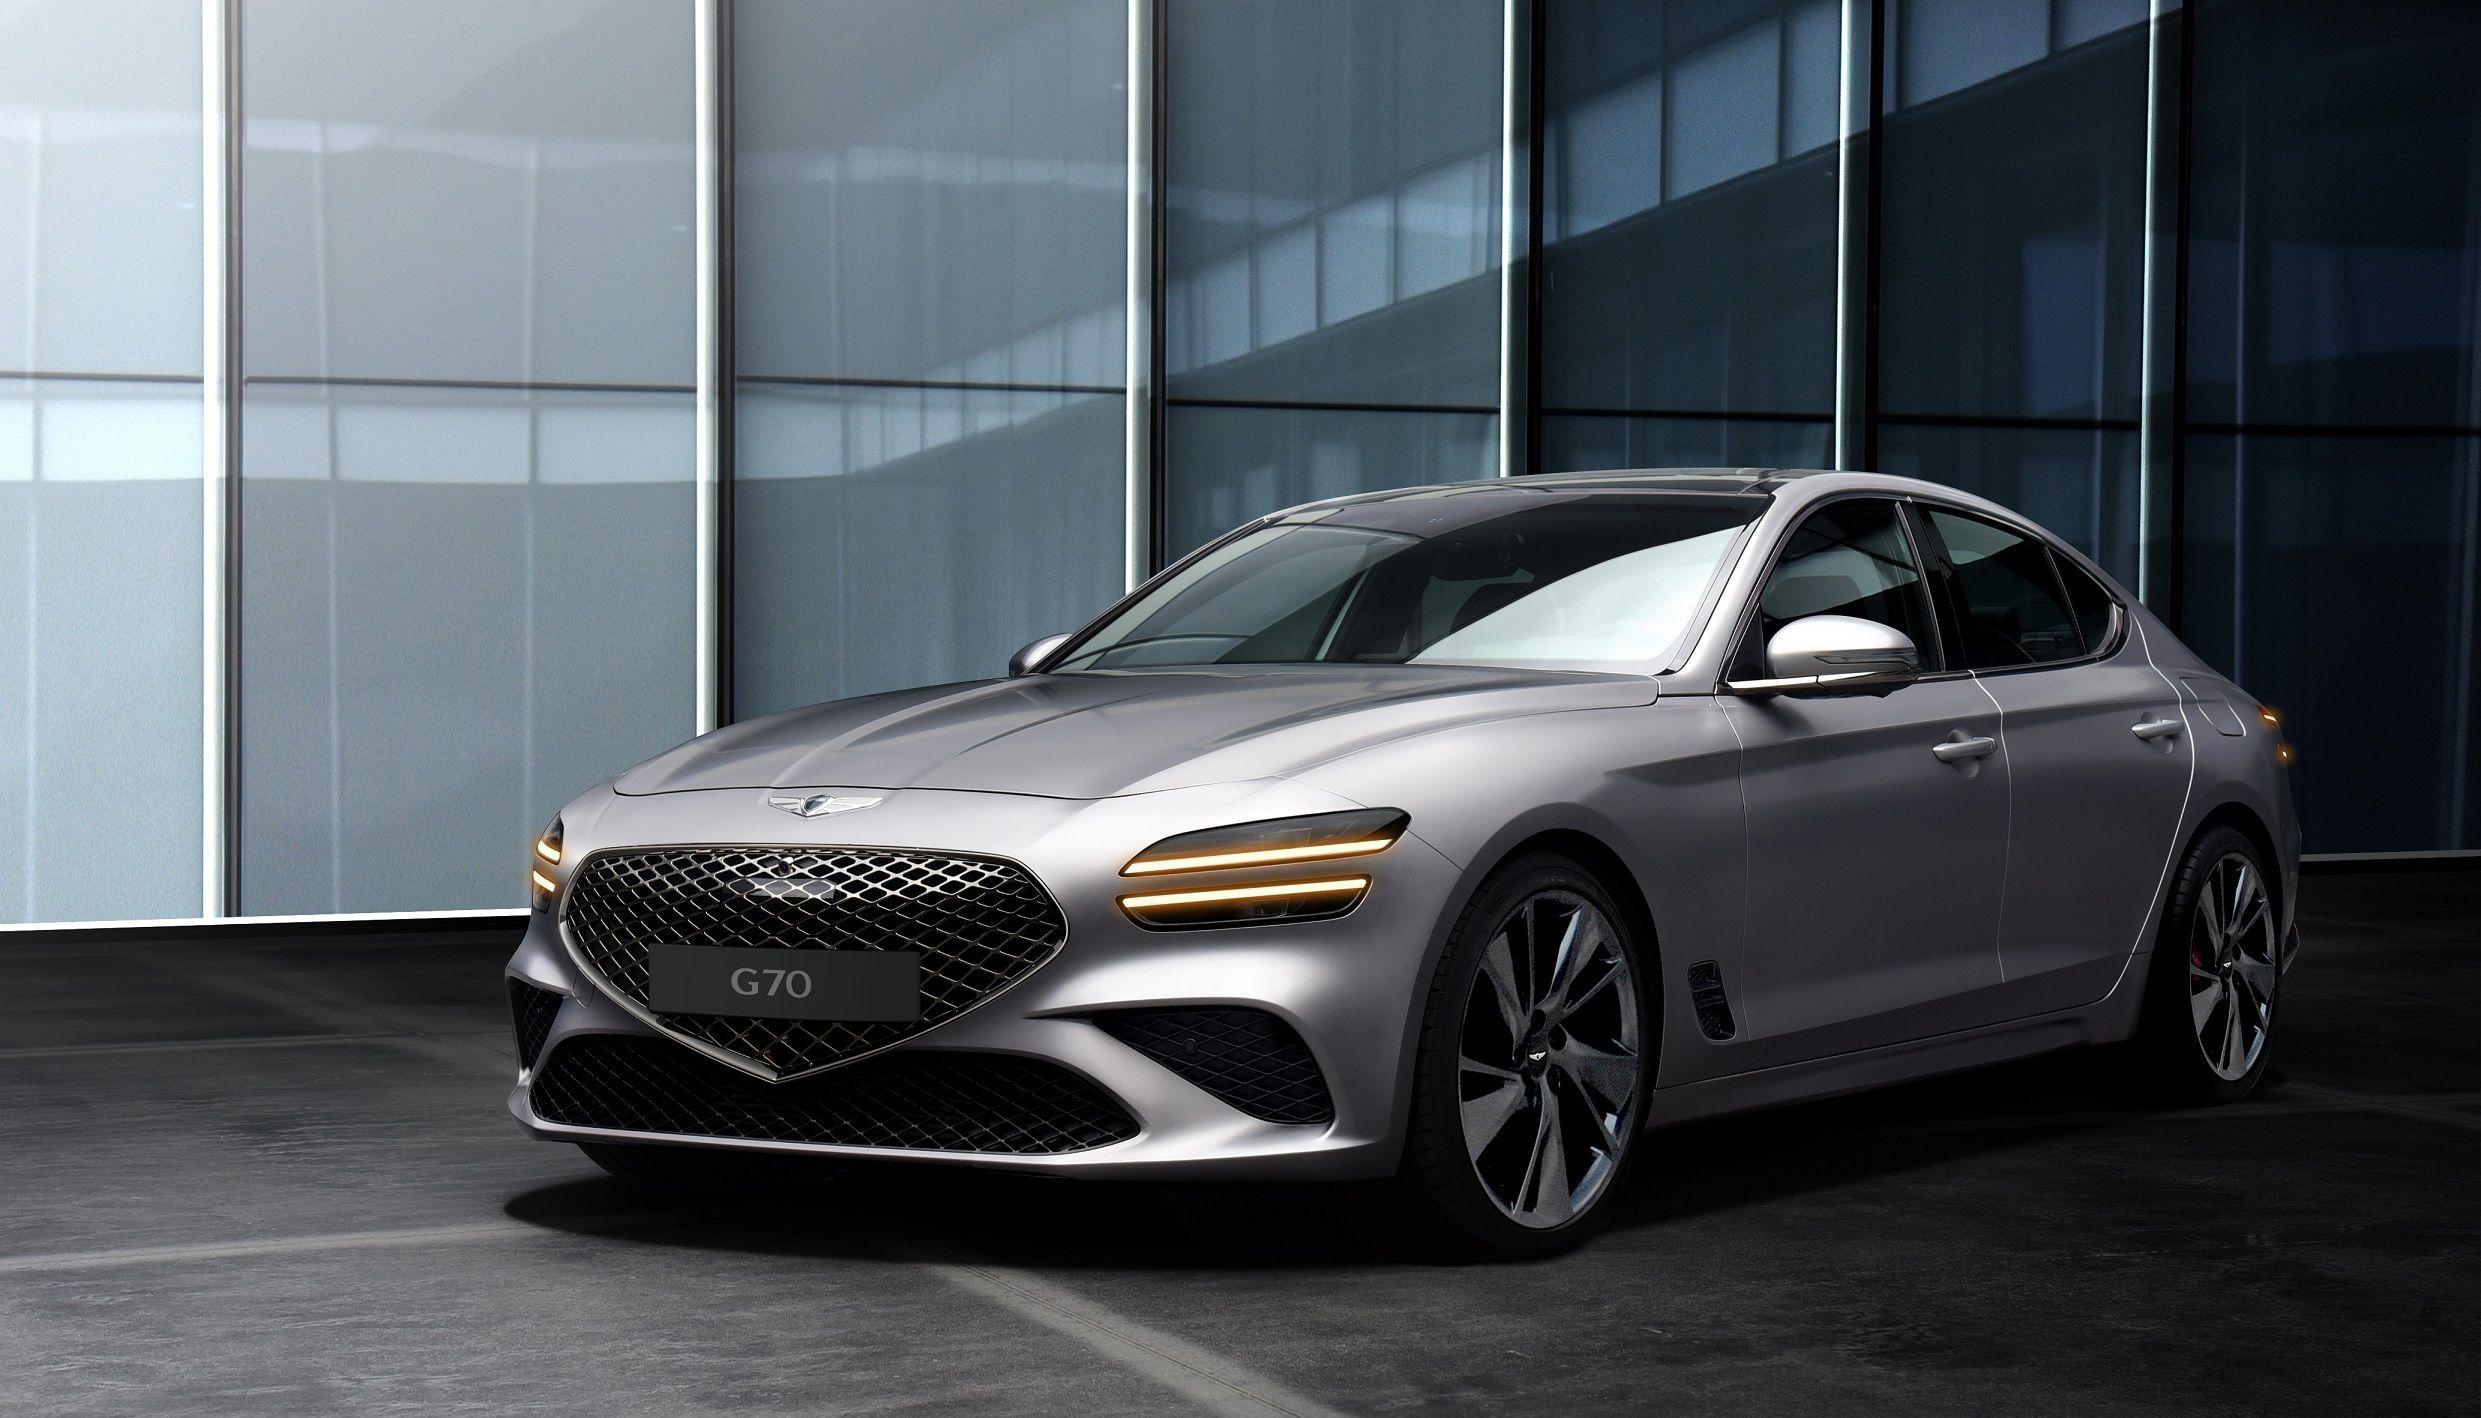 Лучшие автомобили корейского производства, которые догоняют немецких производителей  8